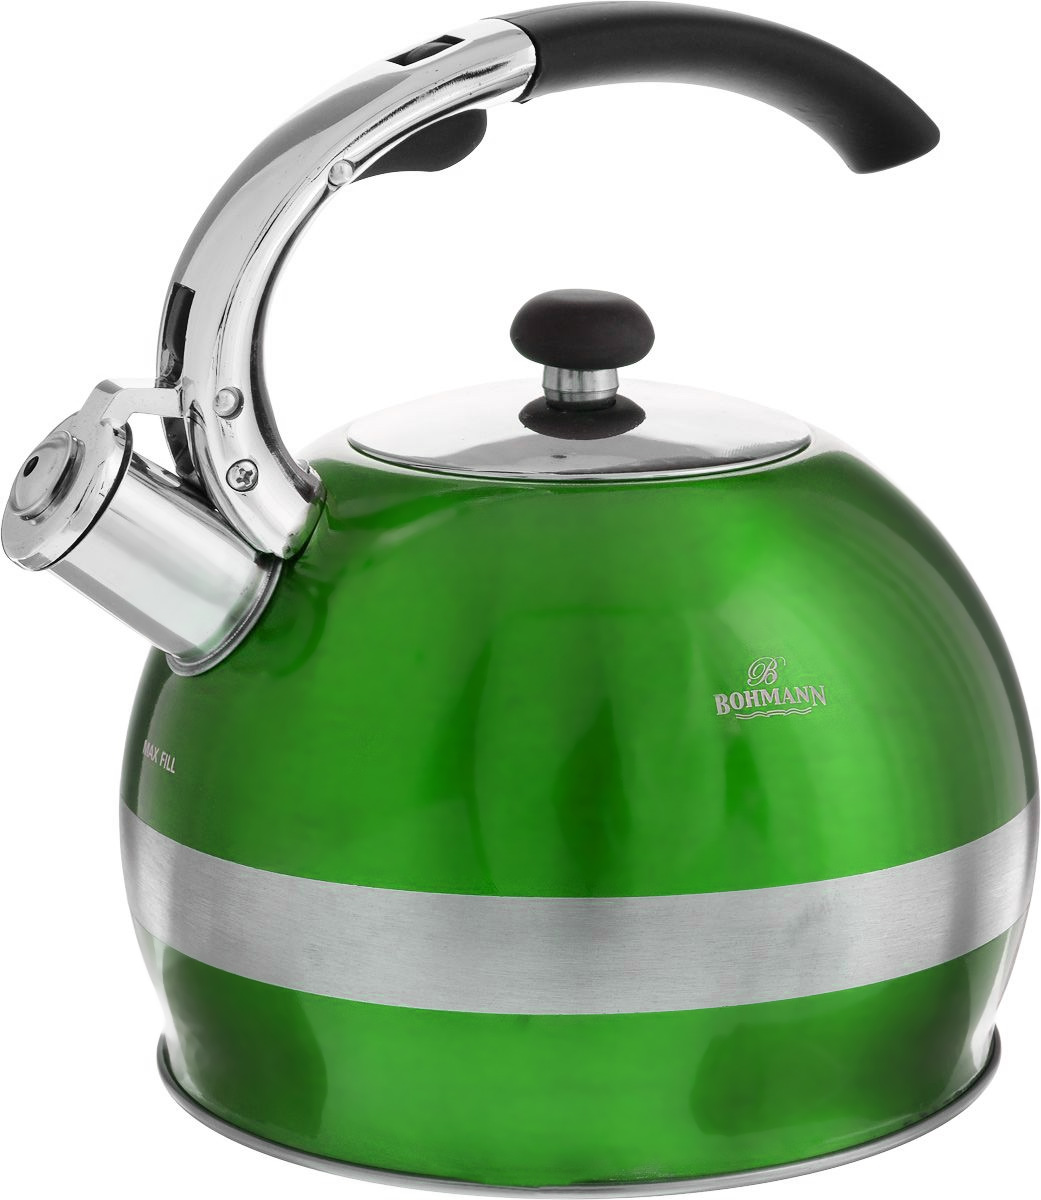 Чайник Bohmann, со свистком, цвет: зеленый, 2,7 л. BH-9995BH-9995_зеленыйЧайник Bohmann изготовлен из нержавеющей стали с матовой и зеркальной полировкой. Высококачественная сталь представляет собой материал, из которого в течение нескольких десятилетий во всем мире производятся столовые приборы, кухонные инструменты и различные аксессуары. Этот материал обладает высокой стойкостью к коррозии и кислотам. Прочность, долговечность и надежность этого материала, а также первоклассная обработка обеспечивают практически неограниченный запас прочности и неизменно привлекательный внешний вид. Чайник оснащен фиксированной удобной ручкой из бакелита черного цвета. Ручка не нагревается, что предотвращает появление ожогов и обеспечивает безопасность использования. Носик чайника имеет откидной свисток для определения кипения. Можно использовать на всех типах плит, включая индукционные. Можно мыть в посудомоечной машине. Диаметр (по верхнему краю): 9,5 см.Высота чайника (без учета ручки): 14,5 см.Высота чайника (с учетом ручки): 23 см.Диаметр основания: 13 см.